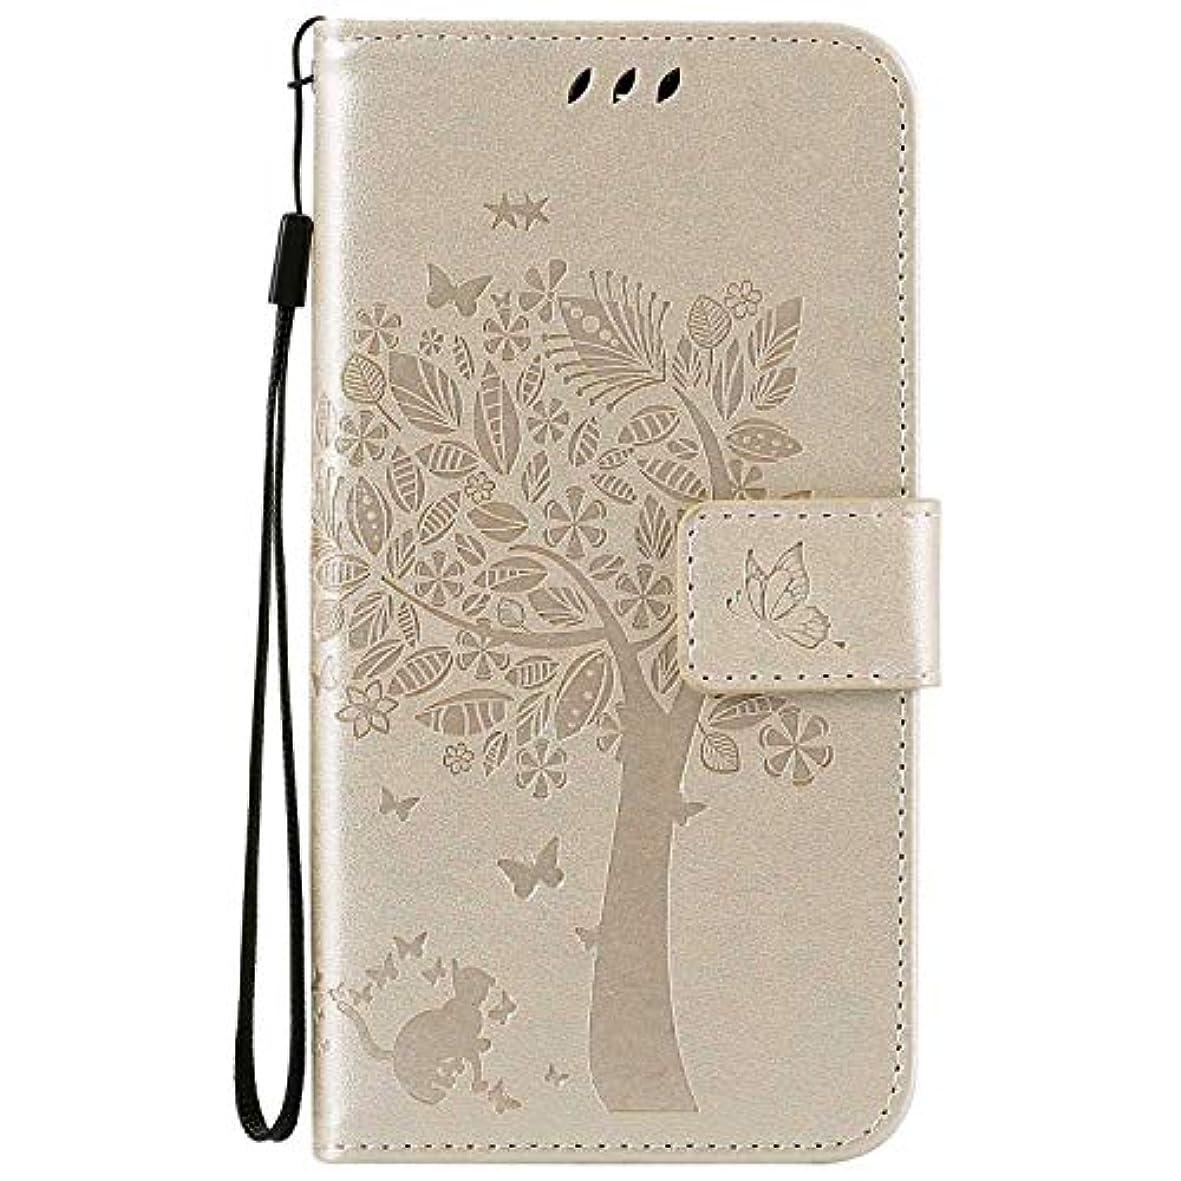 キウイ動詞提供OMATENTI LG K7 / K8 ケース 手帳型ケース ウォレット型 カード収納 ストラップ付き 高級感PUレザー 押し花木柄 落下防止 財布型 カバー LG K7 / K8 用 Case Cover, 白